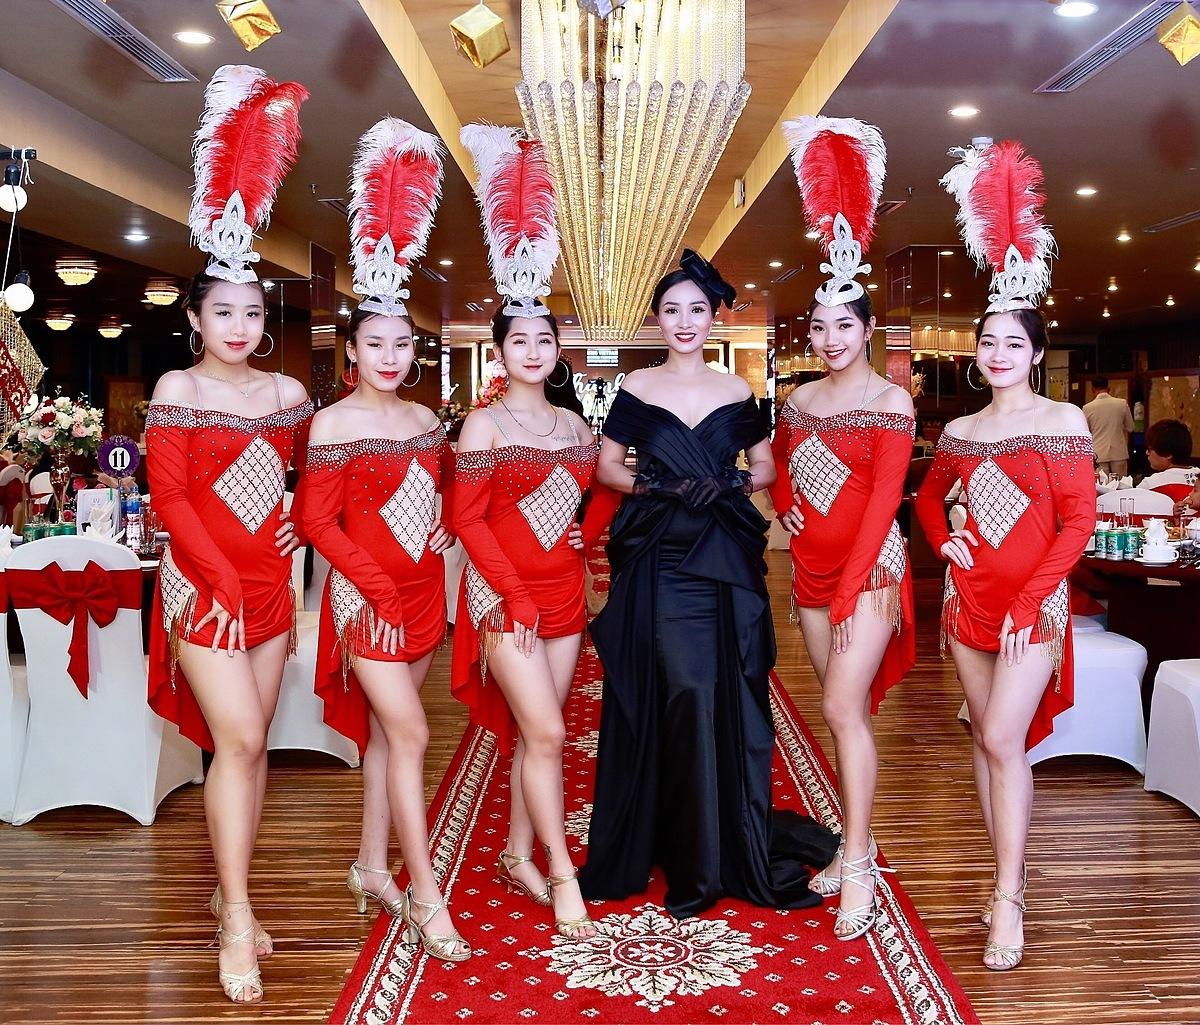 Năm 2019 là một năm khá thành công với doanh nhân Châu Loan. Trong năm 2020, cô tiếp tục thực hiện các dự án mà cô ấp ủ và chuẩn bị cho cuộc thi Hoa hậu Doanh nhân hữu nghị Việt – Trung mùa tiếp theo.